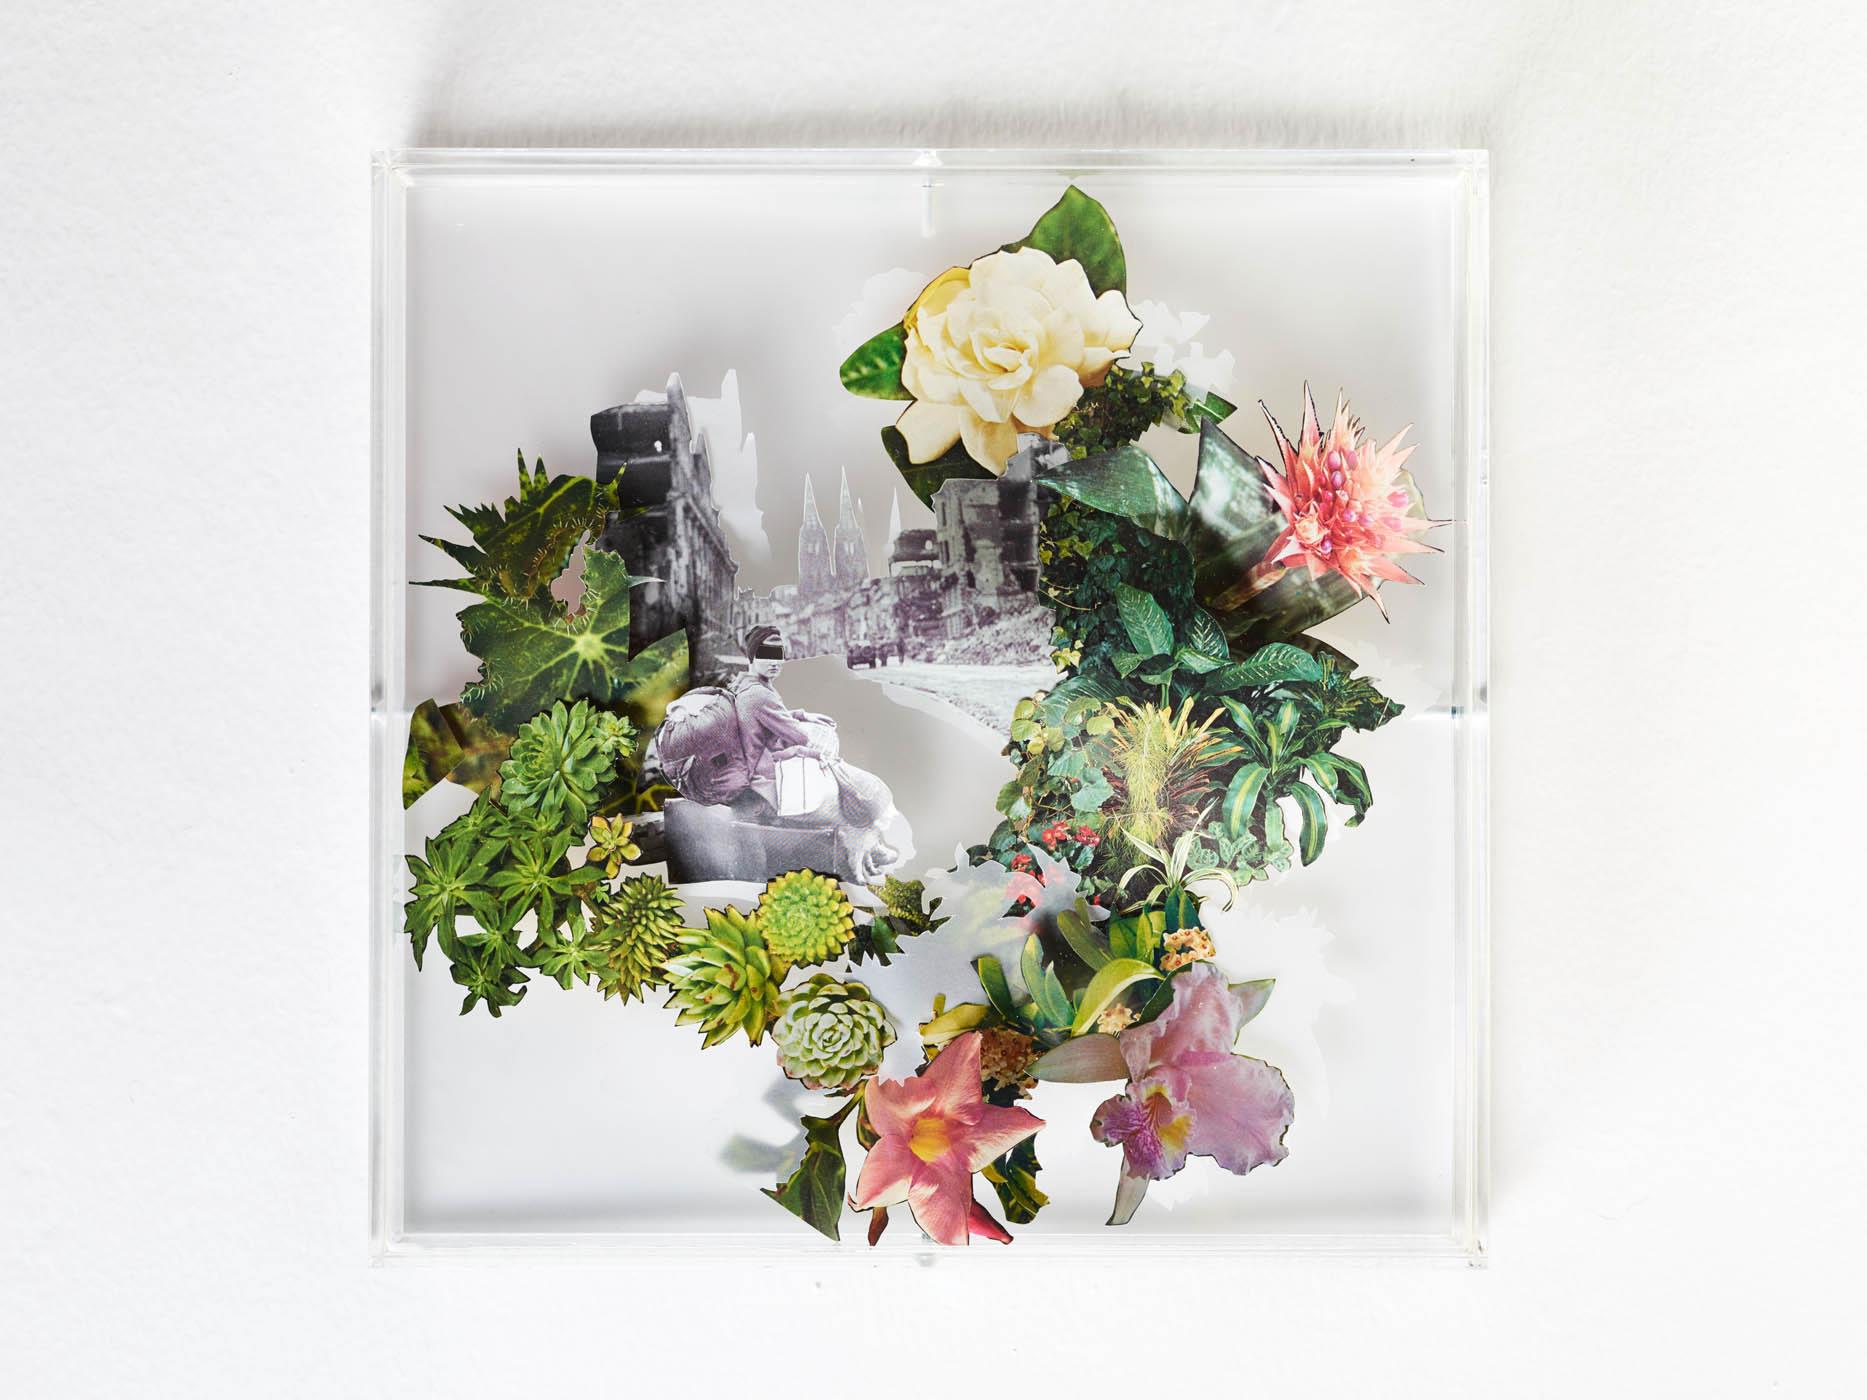 Karen Elliot | Colonia Blüht Auf | 2017 | 30x30cm | Collage in Acrylglaskasten | Foto Johannes Puch